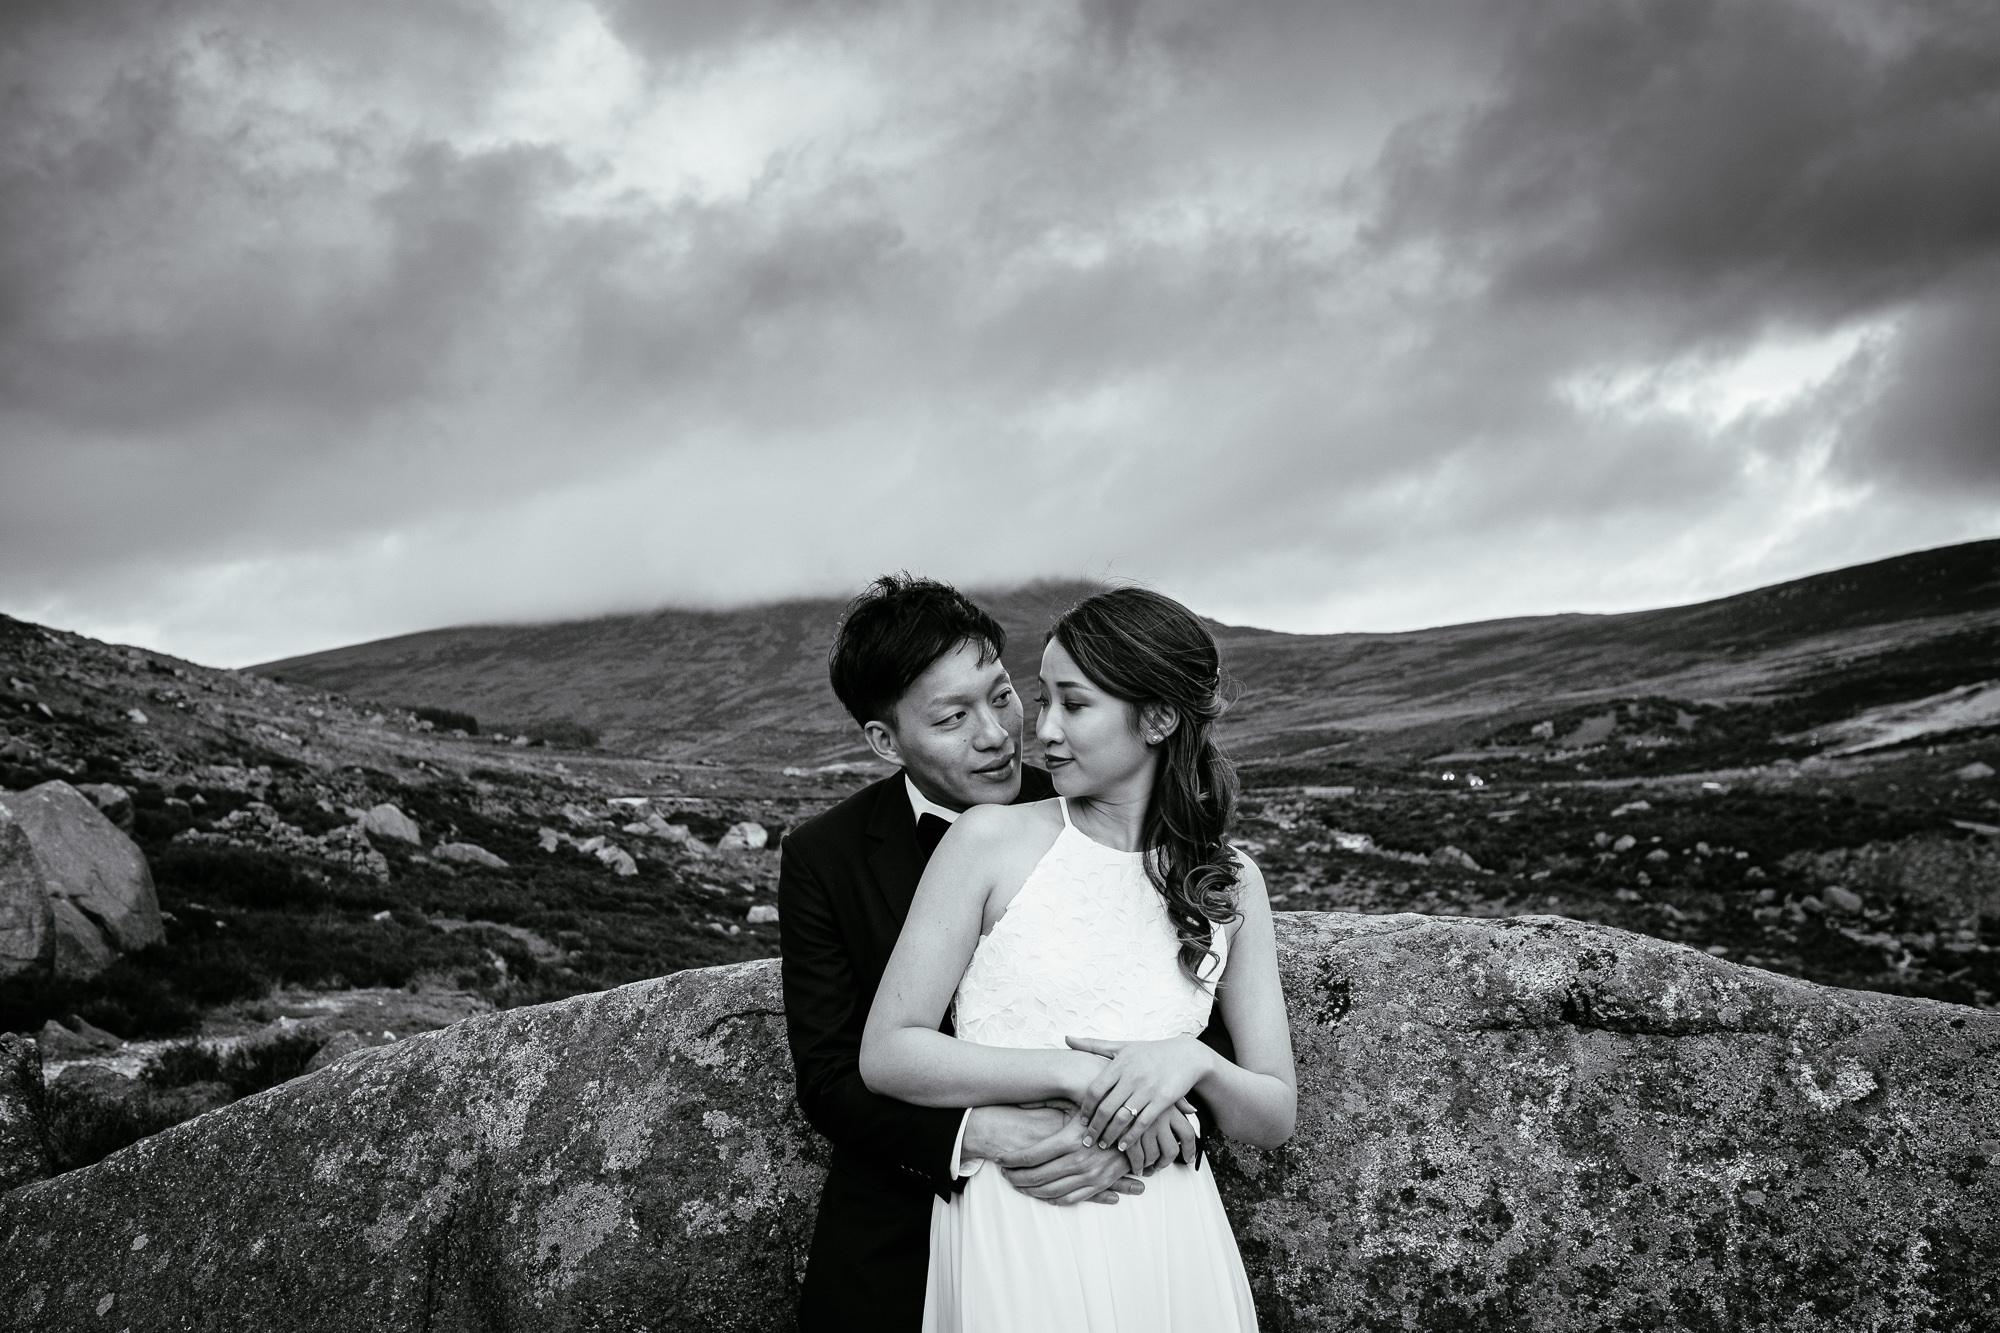 Engagement shoot in wicklow ireland 0076